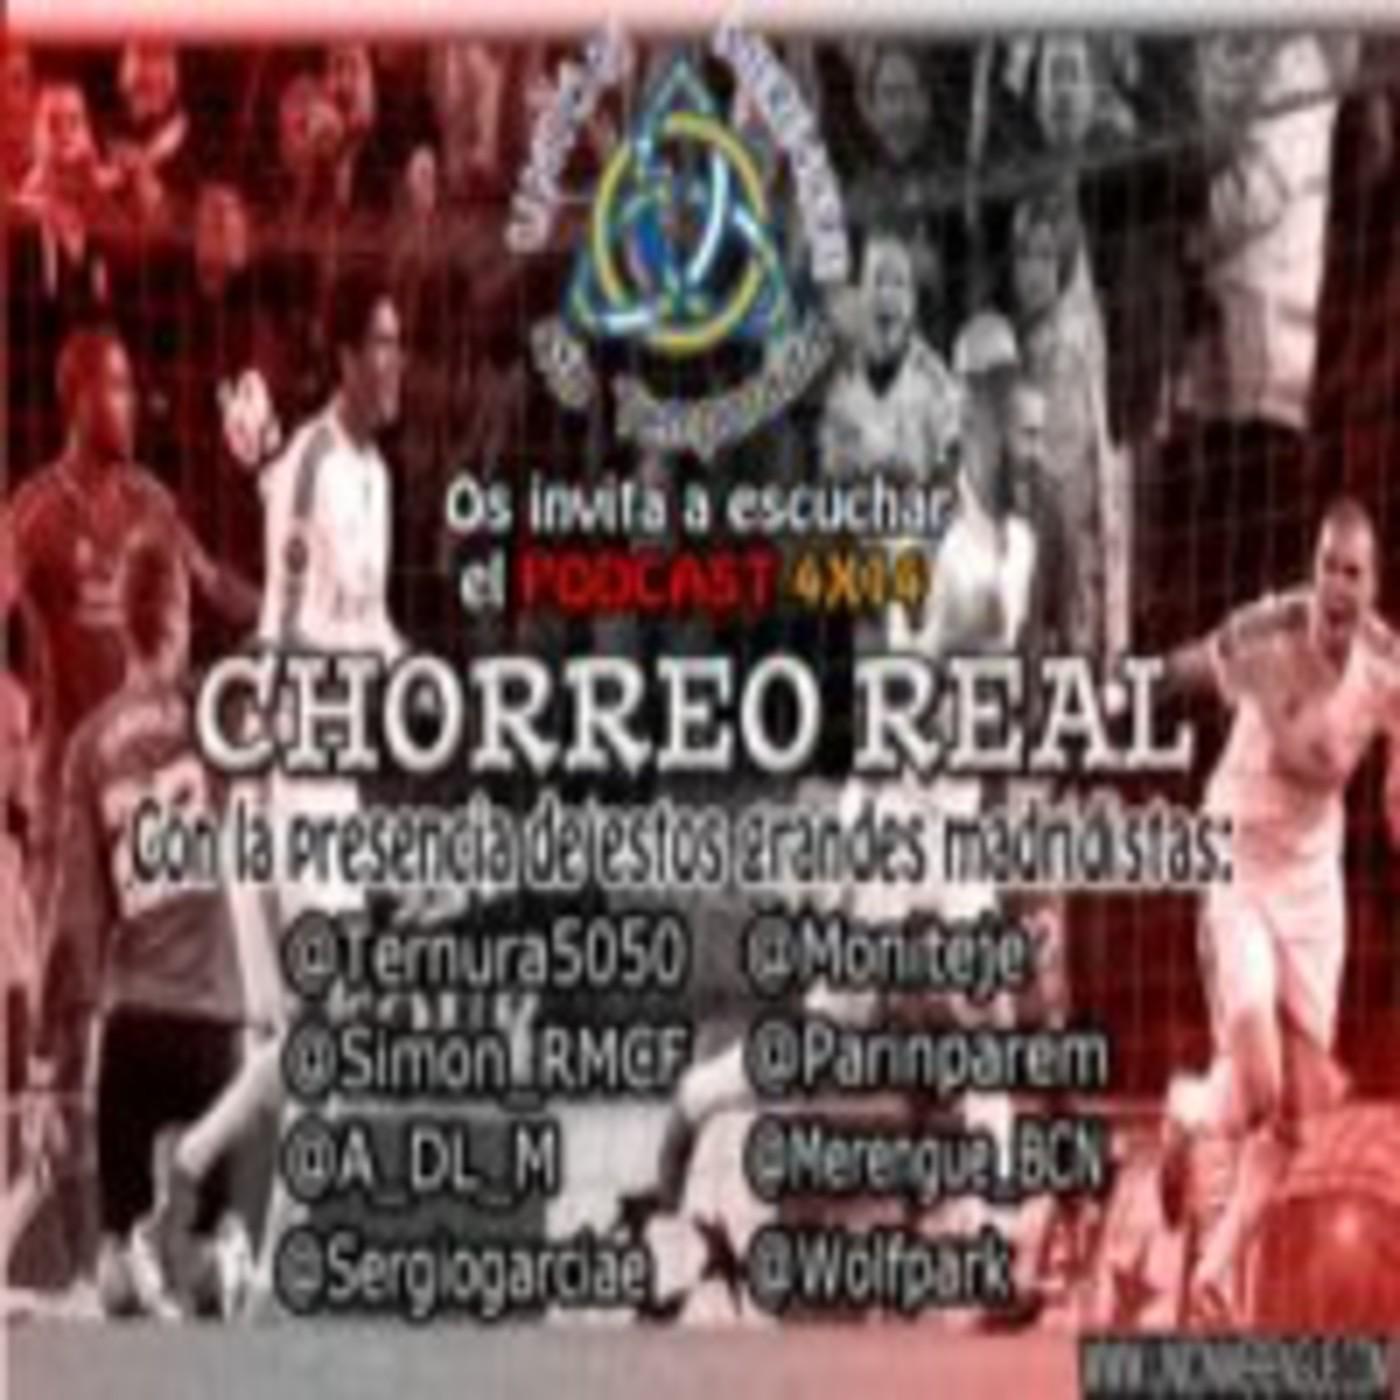 4x14 Chorreo Real